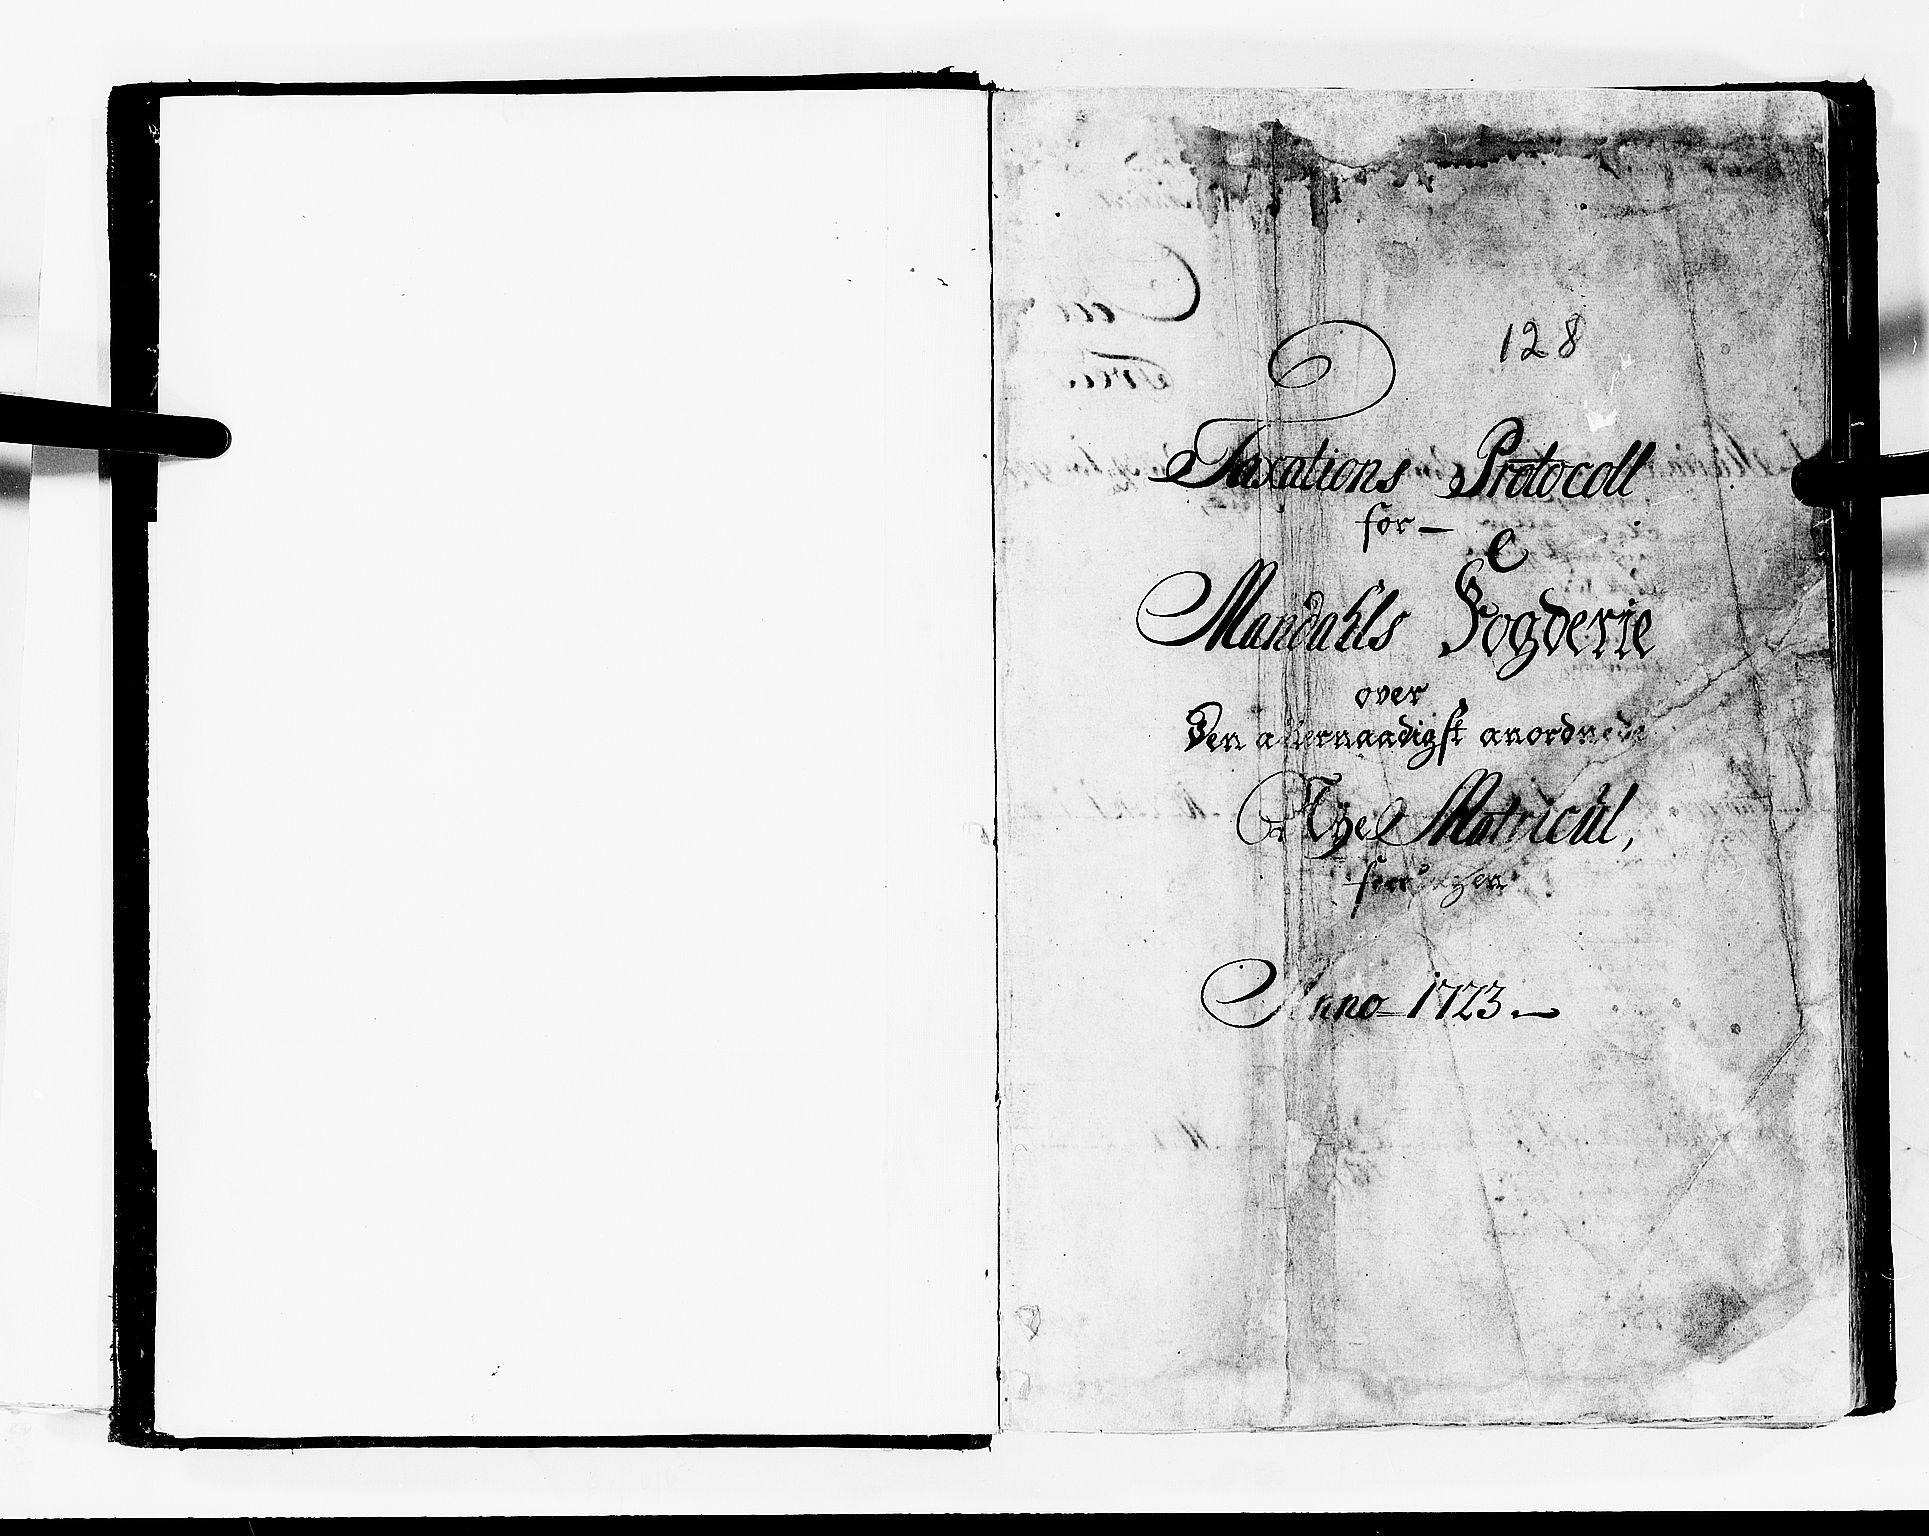 RA, Rentekammeret inntil 1814, Realistisk ordnet avdeling, N/Nb/Nbf/L0128: Mandal matrikkelprotokoll, 1723, s. 1a